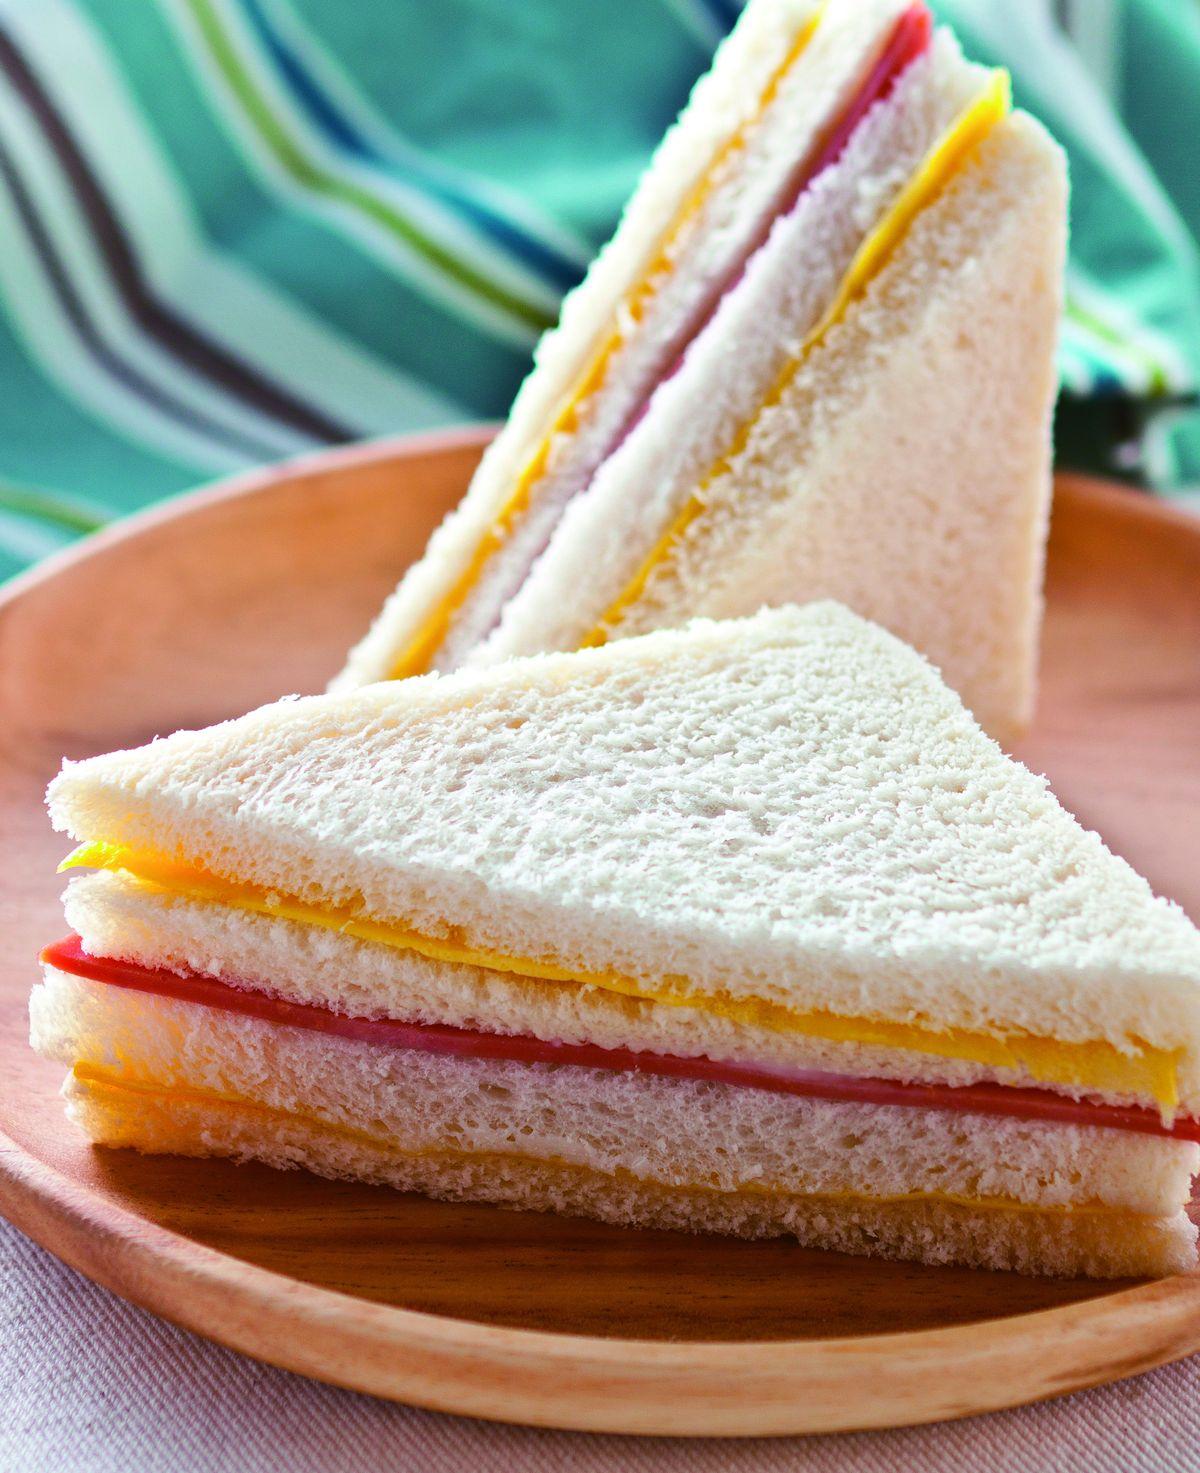 食譜:招牌火腿蛋三明治